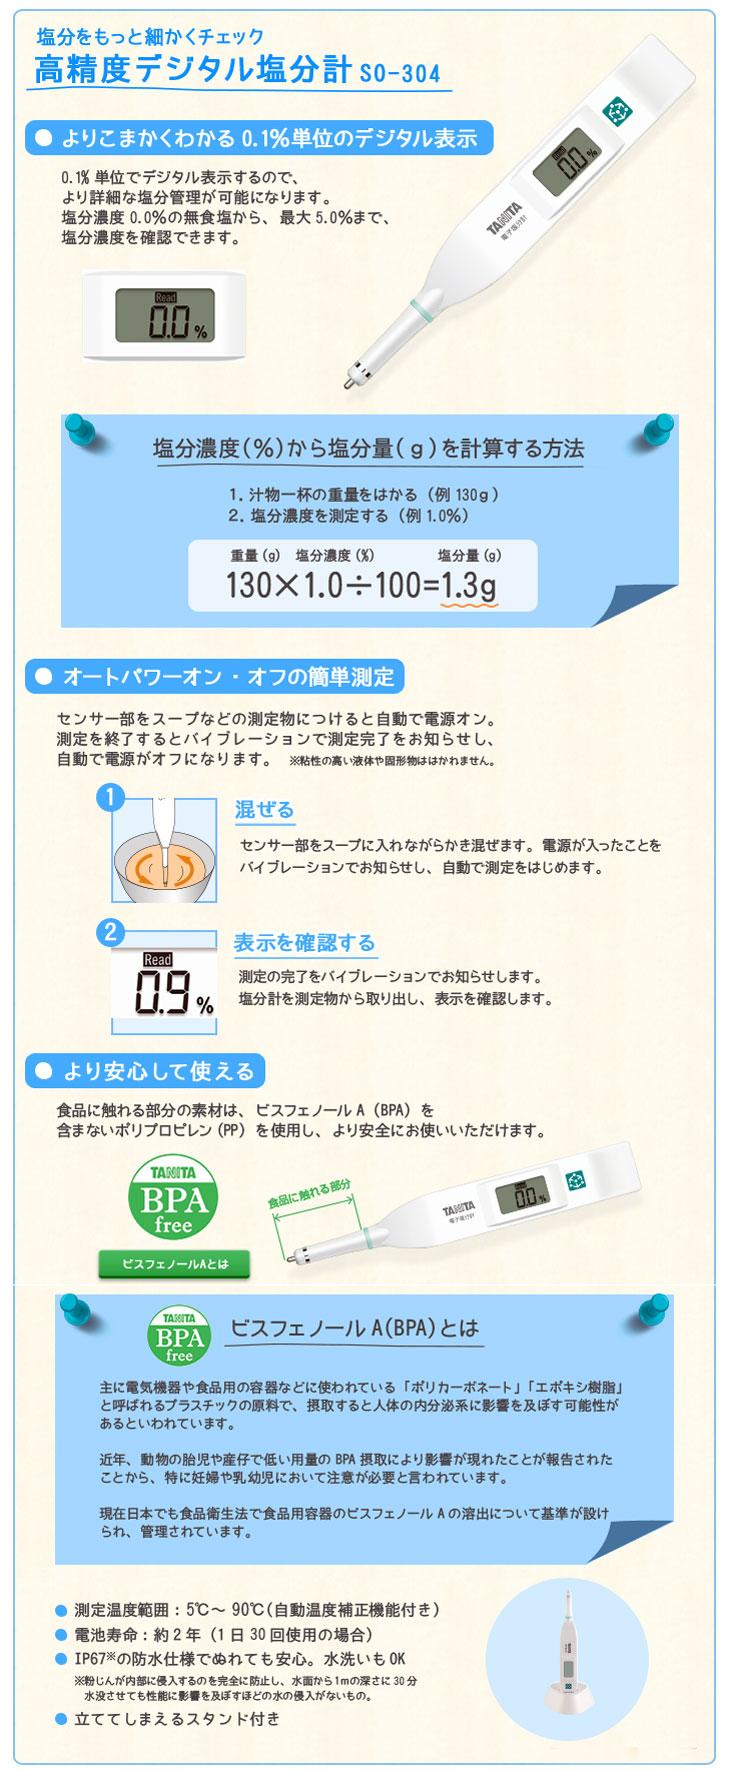 高精度デジタル塩分計 SO-304